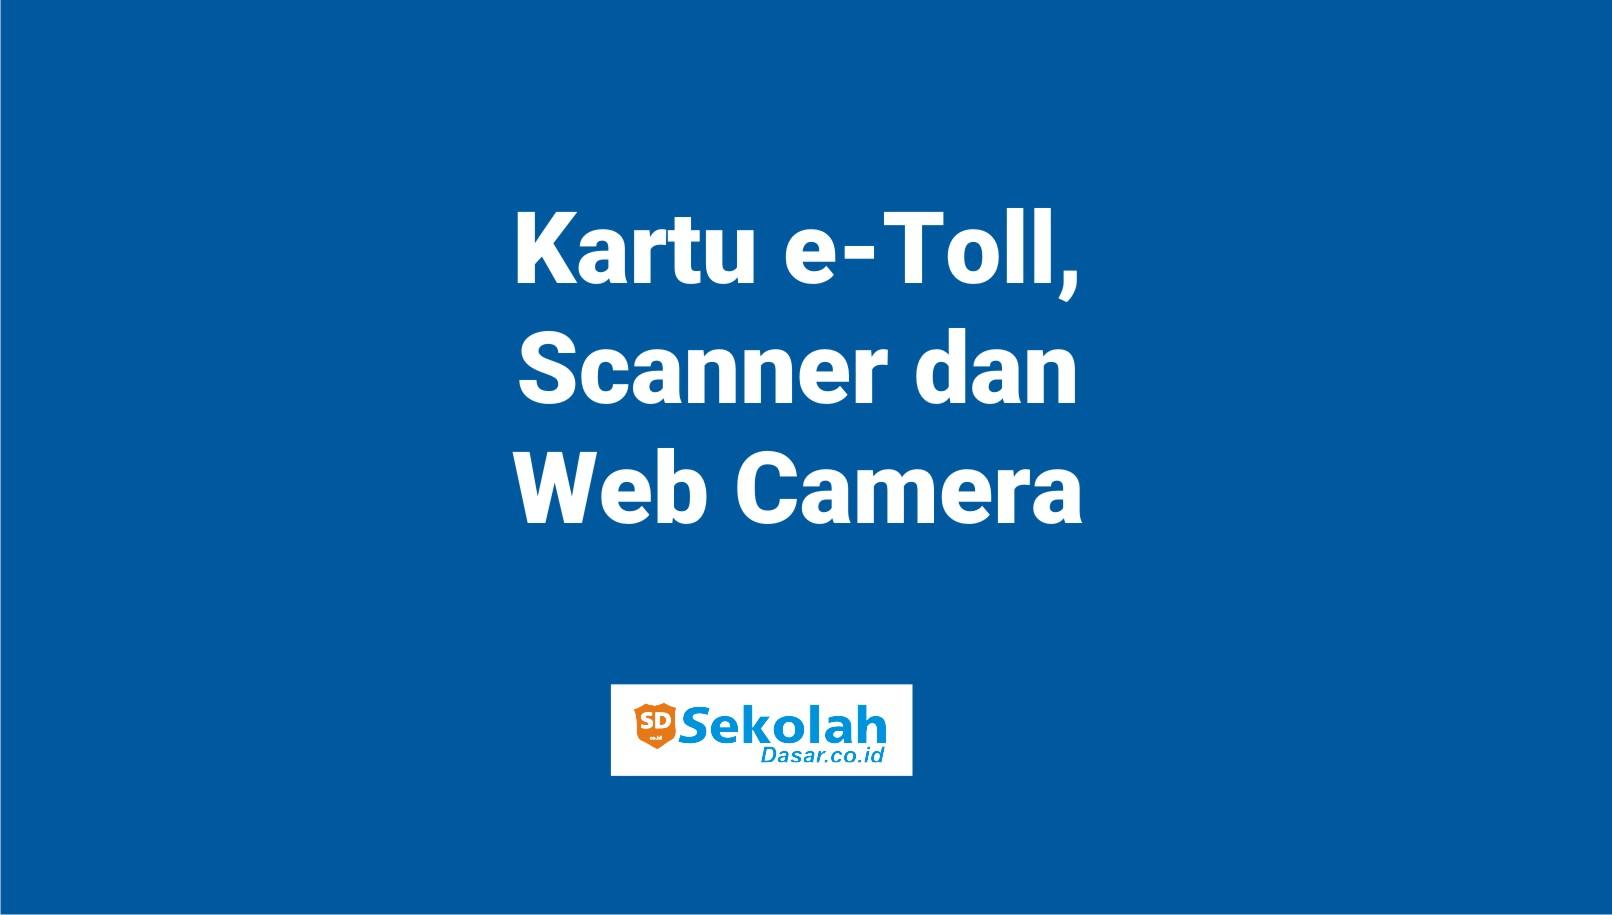 Kartu e-Toll, Scanner dan Web Camera